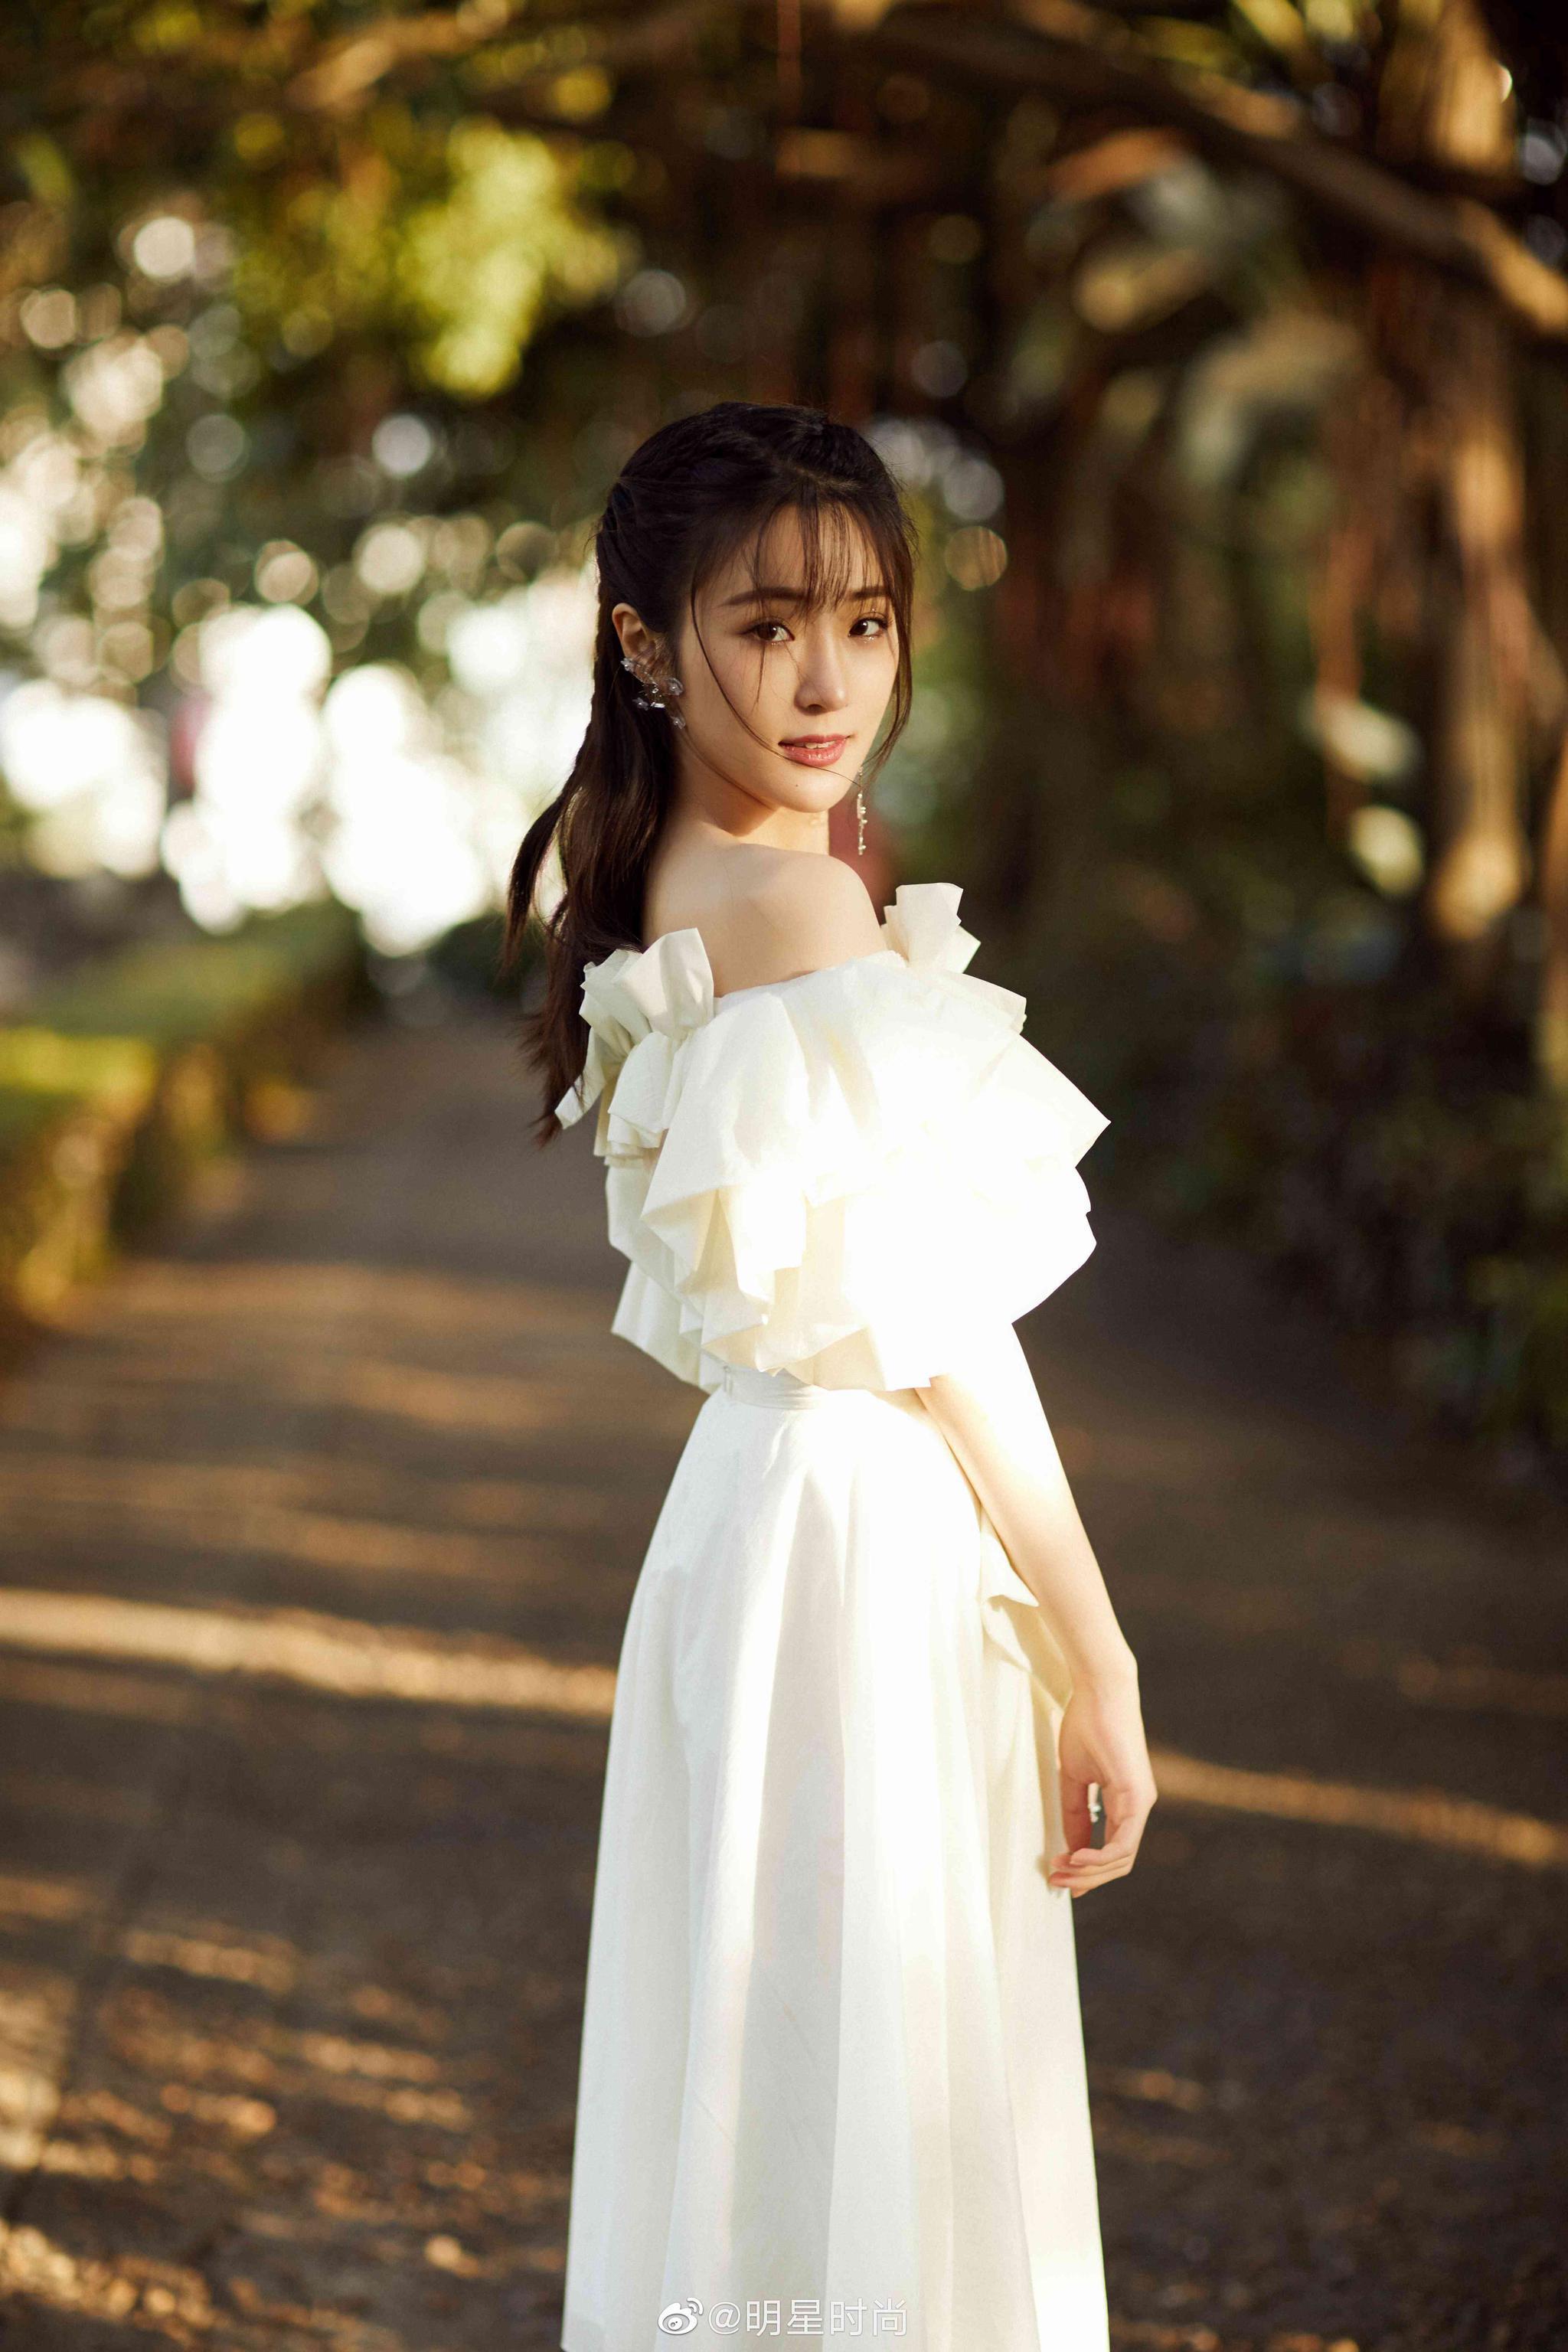 这一身花瓣长裙可太美了,纯净的白色…………